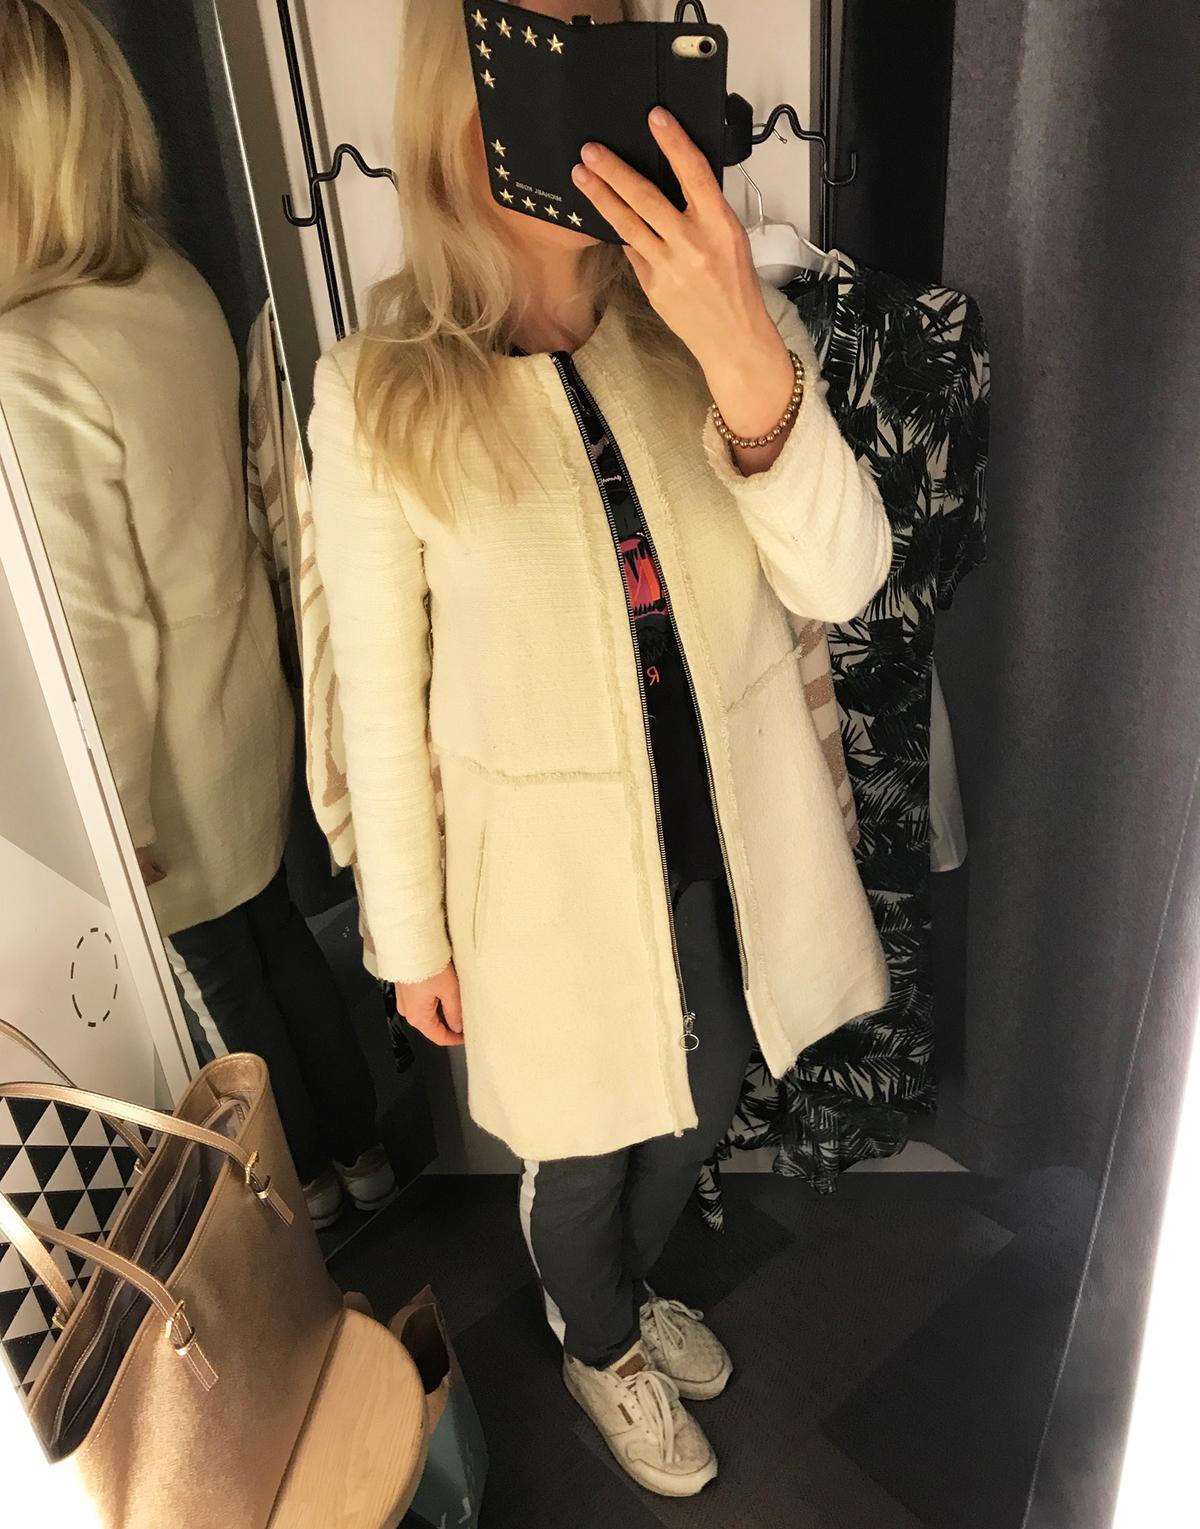 Passade på att ta en dagens outfit i provrummet hos Lindex när jag testade  kläder. Visar vad jag provade i ett kommande inlägg. 0a70af2c05e16